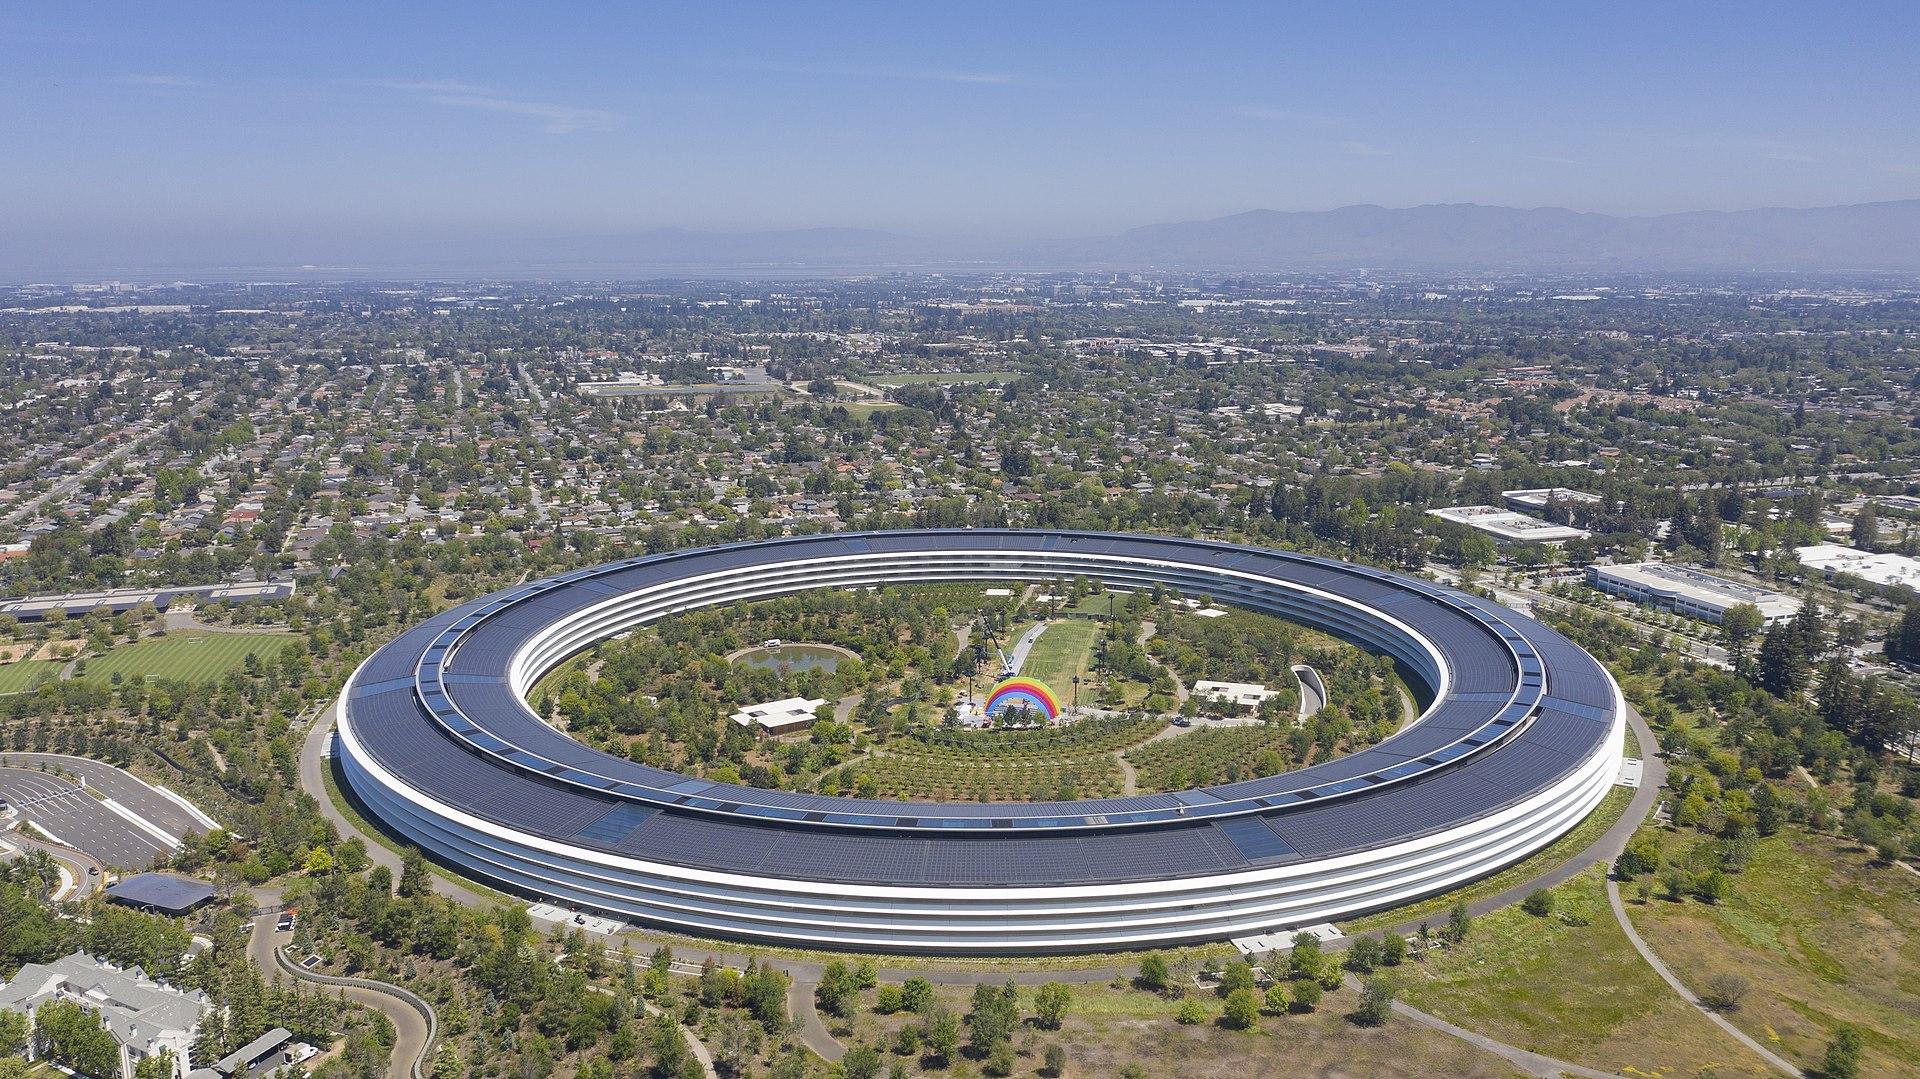 1920px Apple park cupertino 2019 - 任天堂の本社がすごい